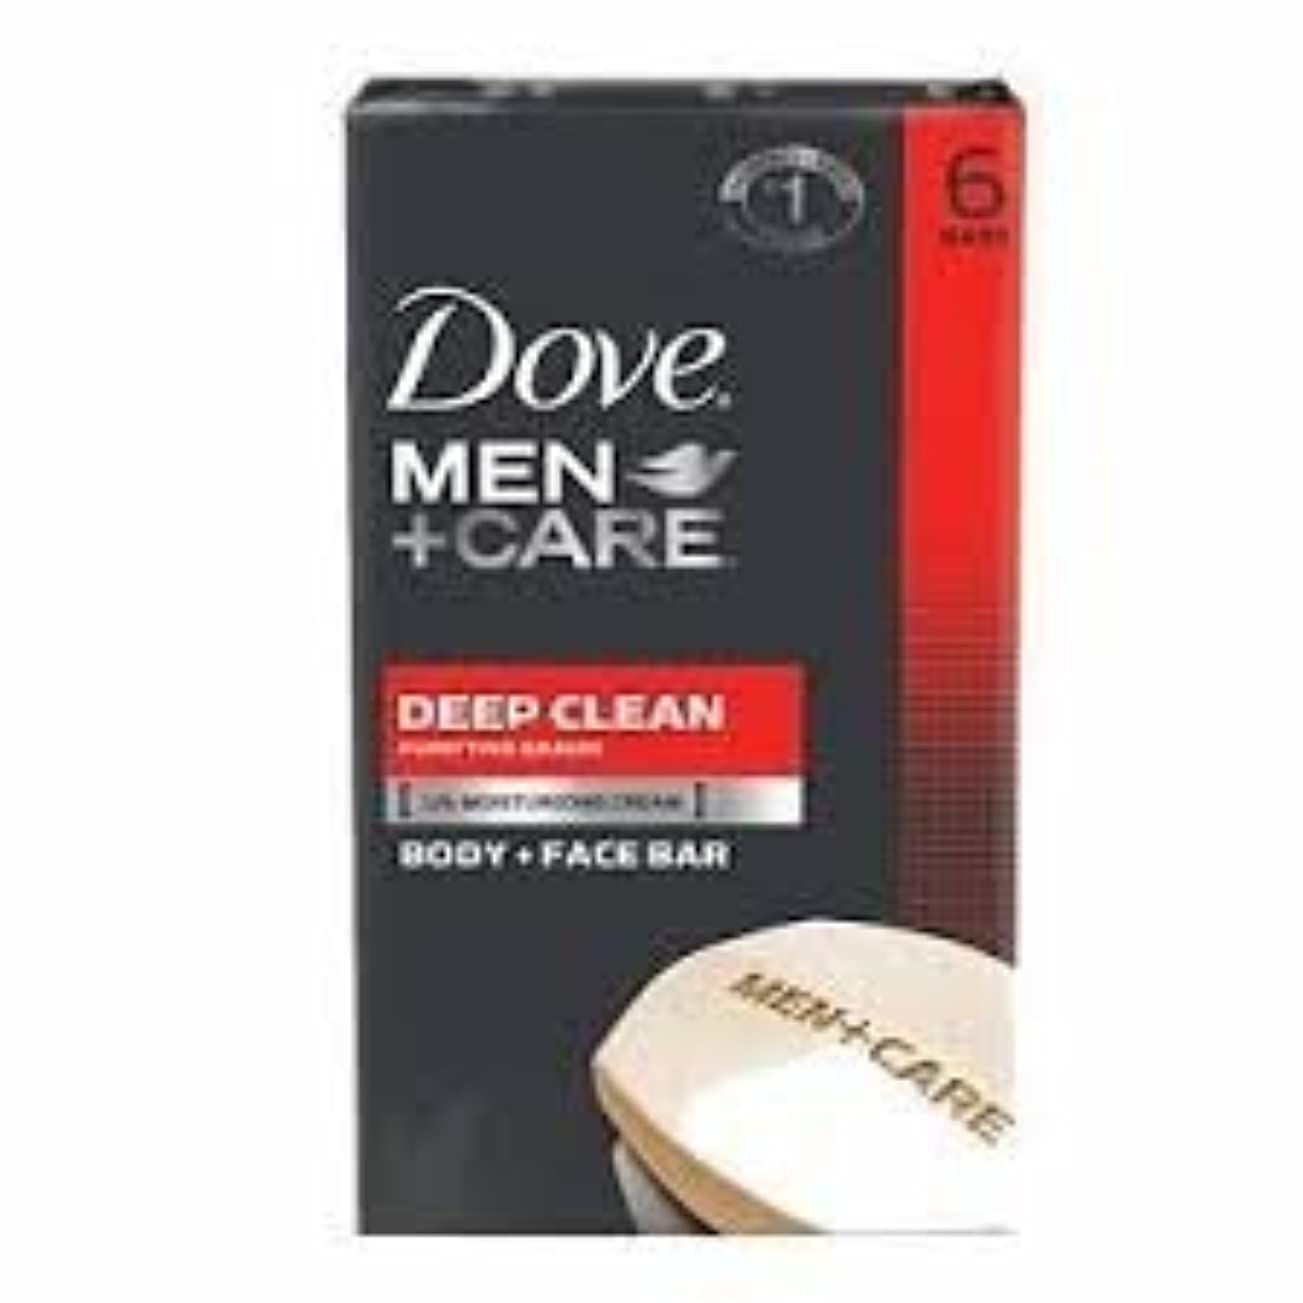 そのような劇的アテンダントDove Men + Care Body and Face Bar, Deep Clean 4oz x 6Bars ダブ メン プラスケア ディープ クリーン ソープ 4oz x 6個